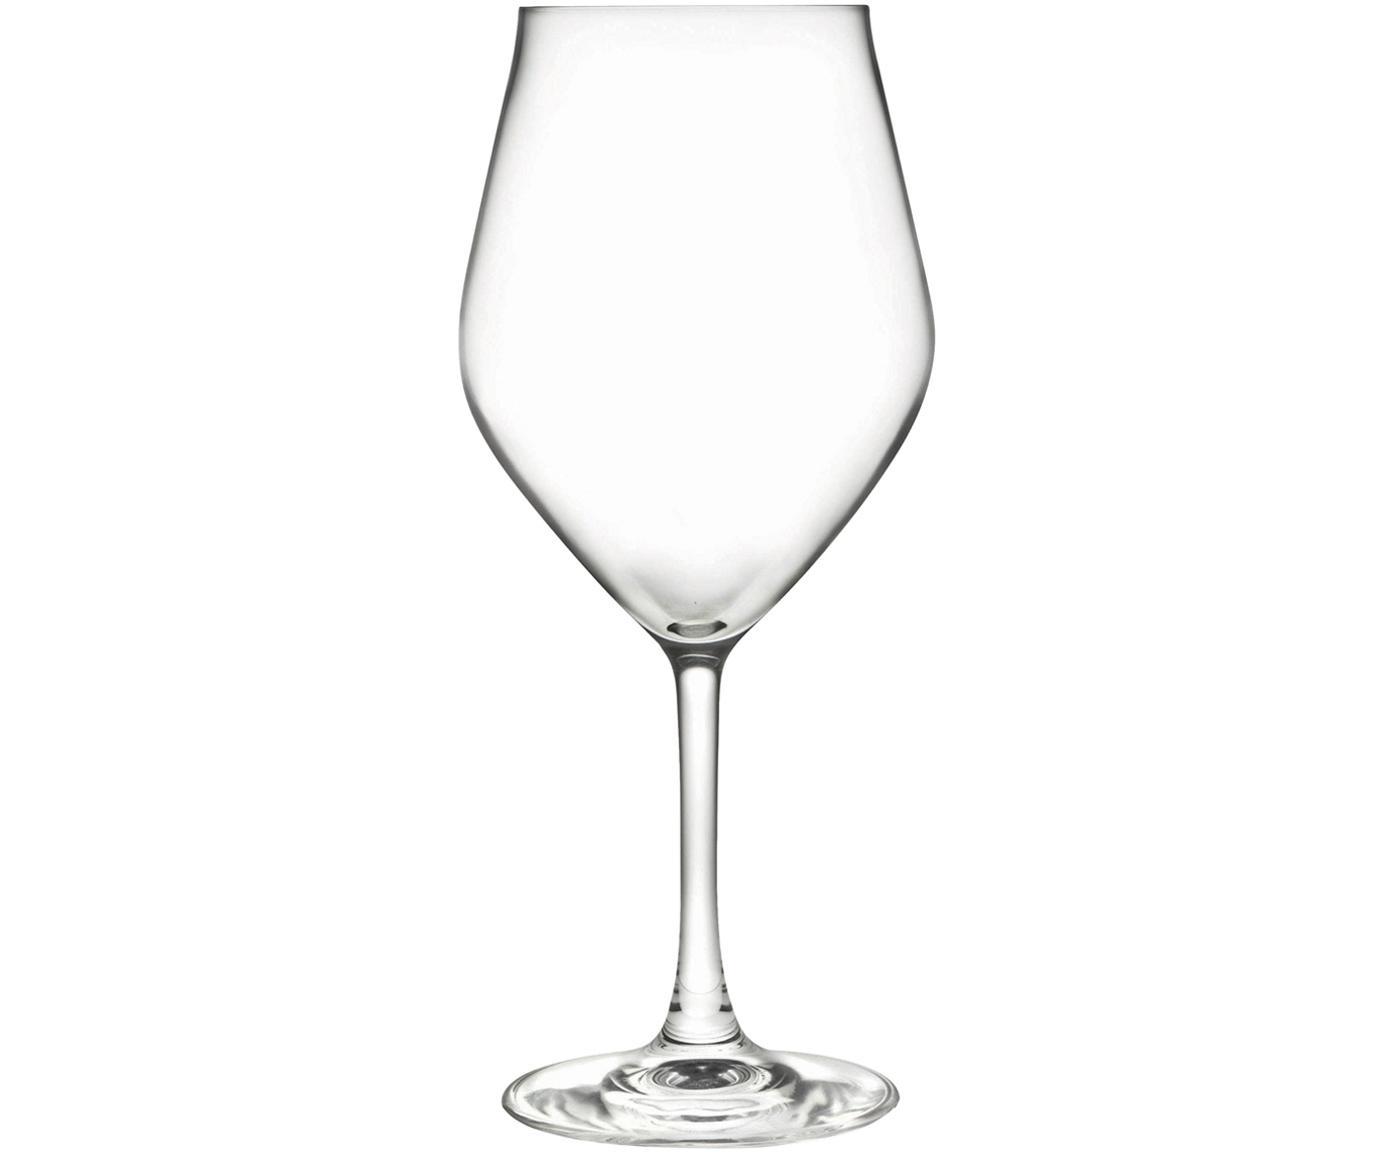 Bicchiere da vino bianco in cristallo Eno 6 pz, Cristallo Luxion, Trasparente, Ø 10 x Alt. 22 cm